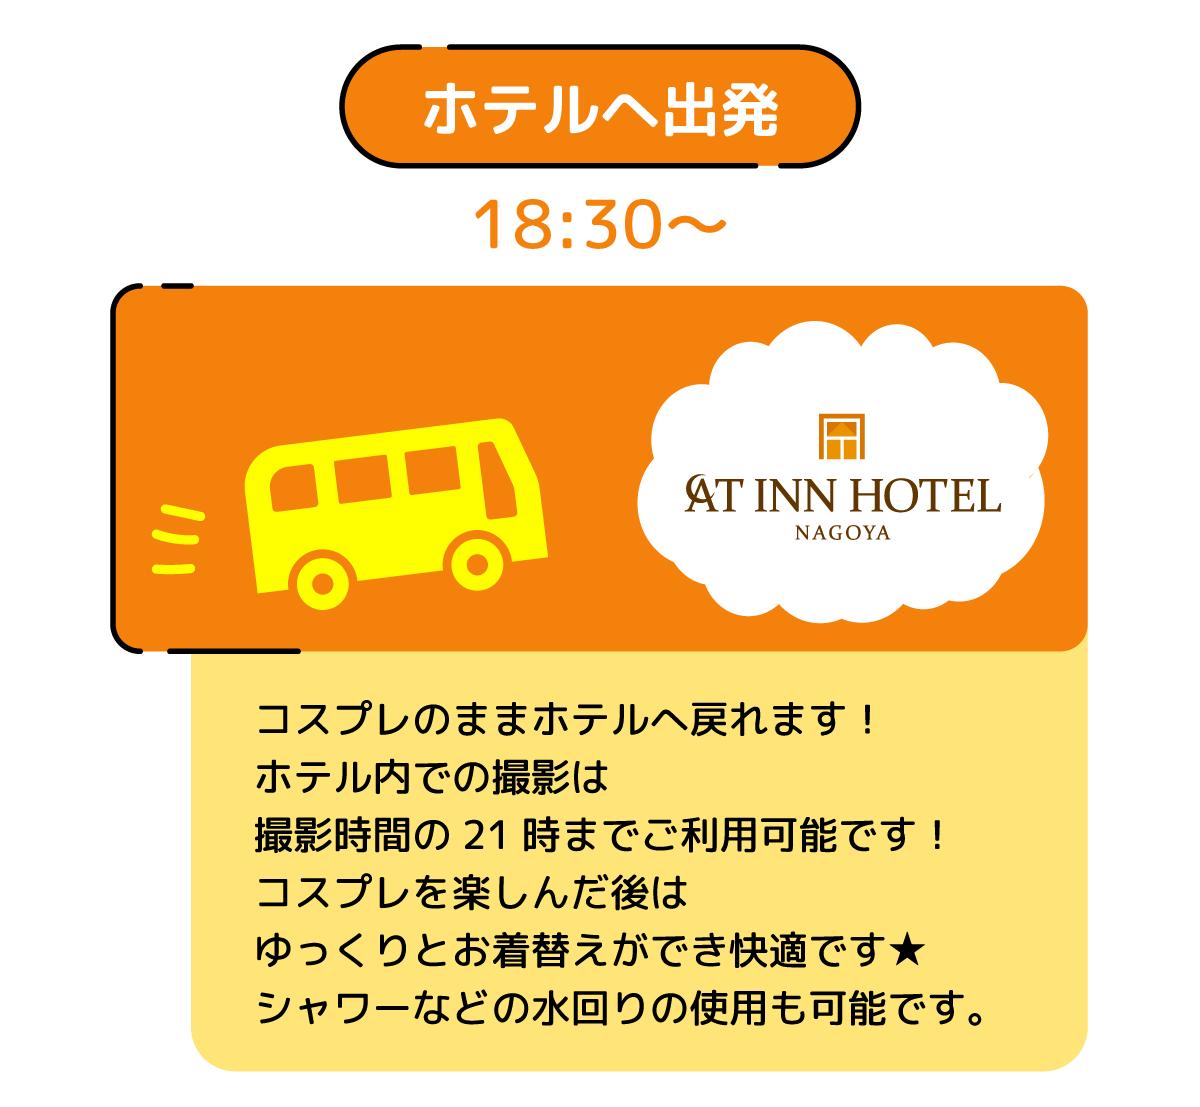 ホテルへ出発